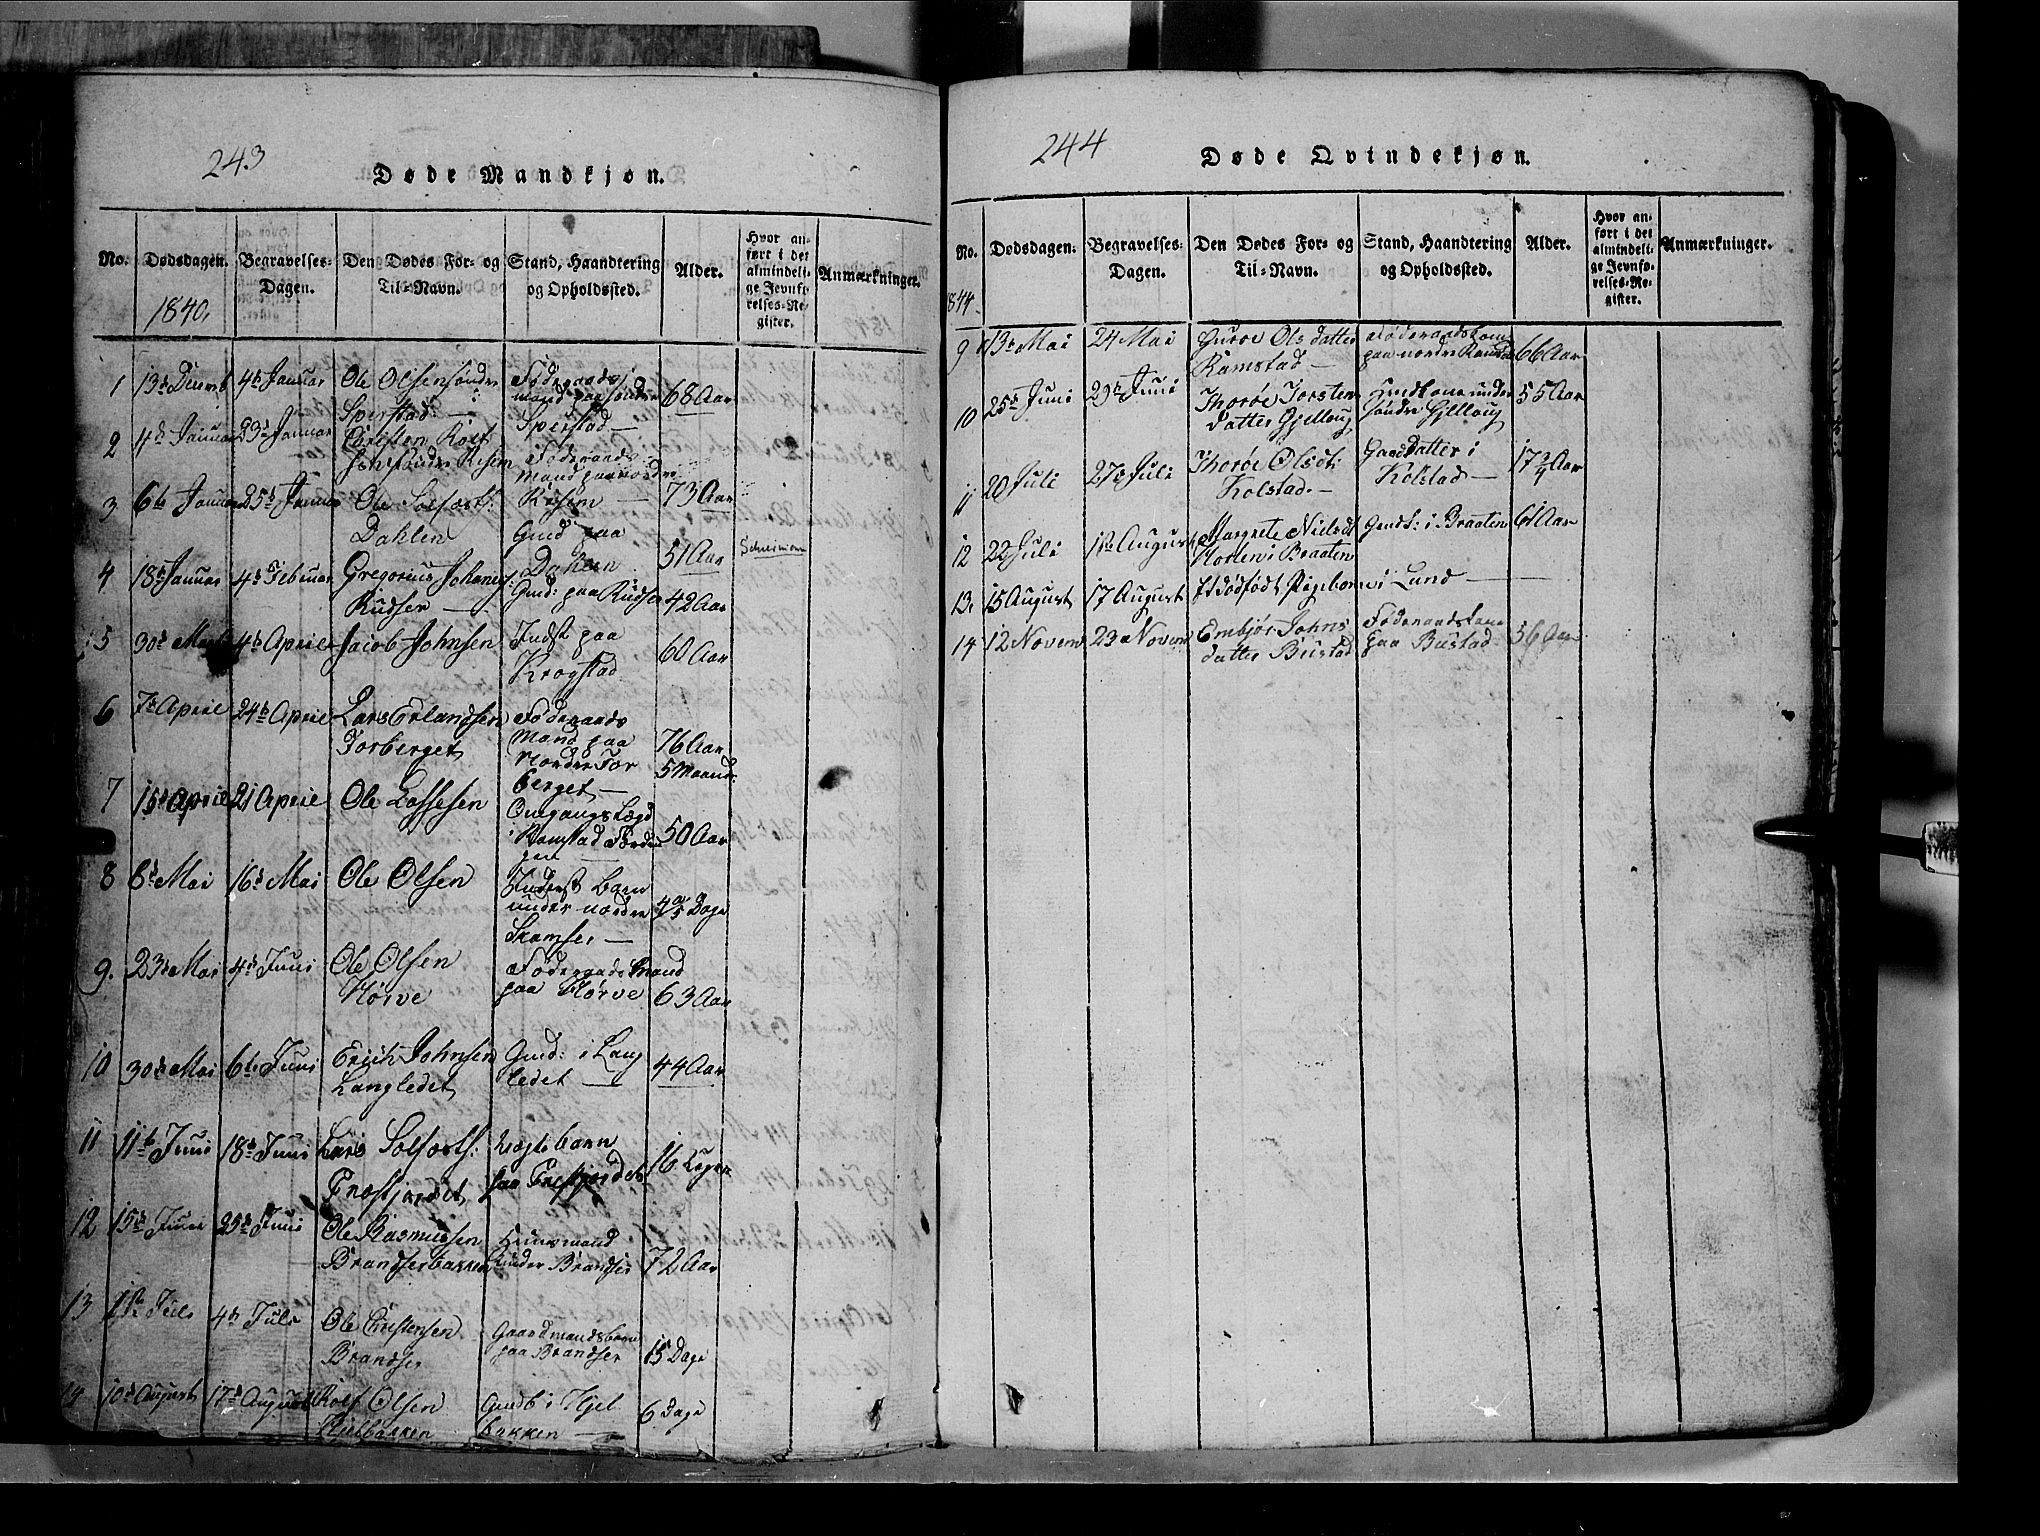 SAH, Lom prestekontor, L/L0003: Klokkerbok nr. 3, 1815-1844, s. 243-244